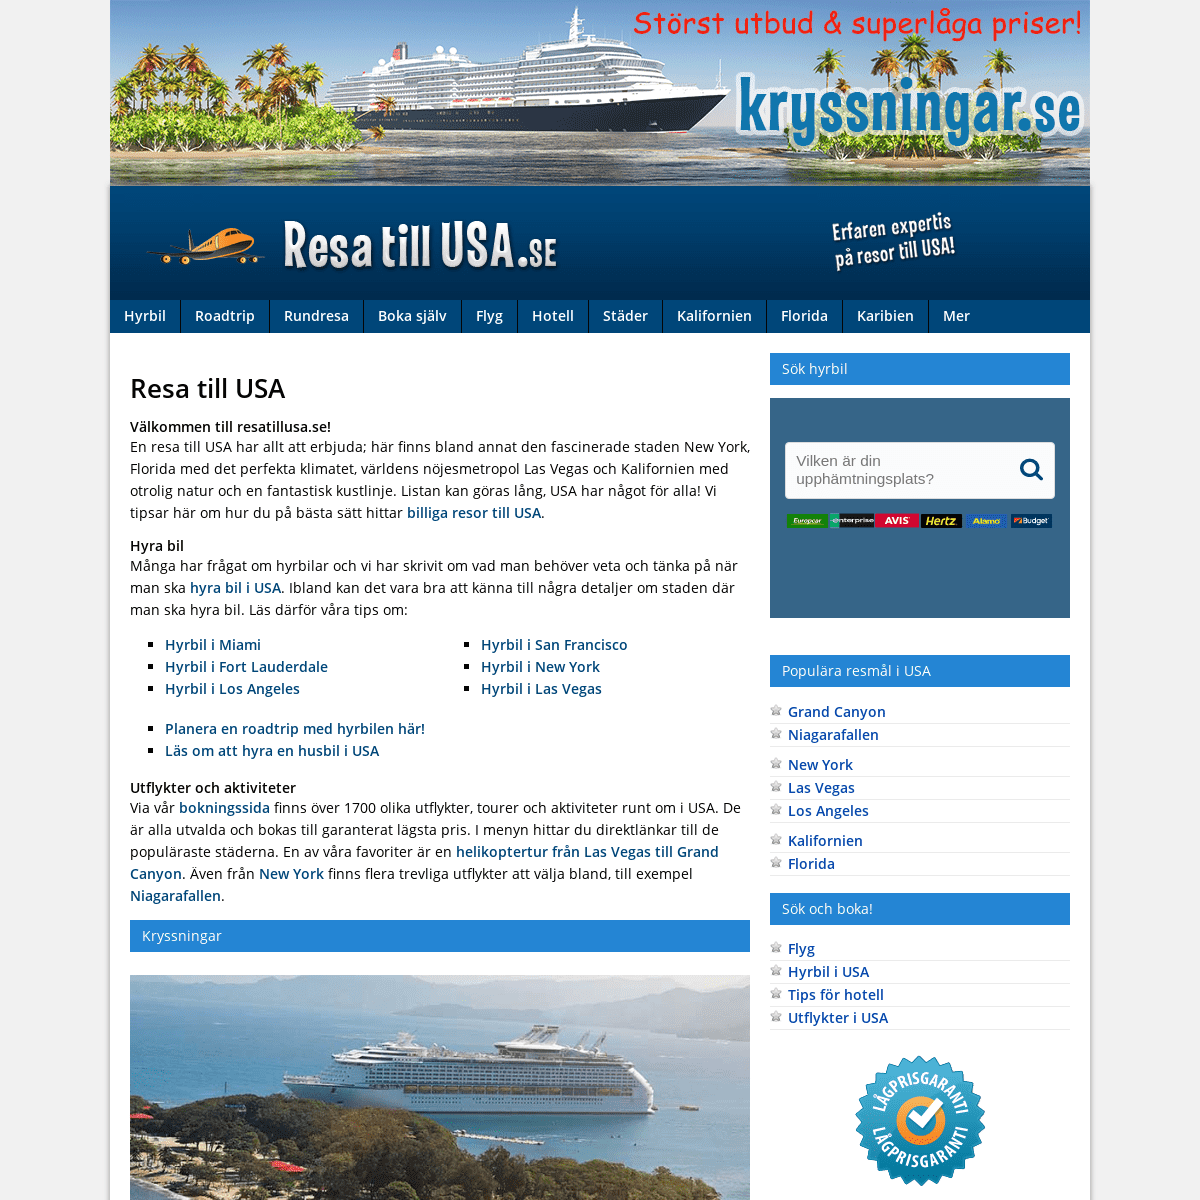 ArchiveBay.com - resatillusa.se - Resa till Usa - Allt inför dina resor till USA!